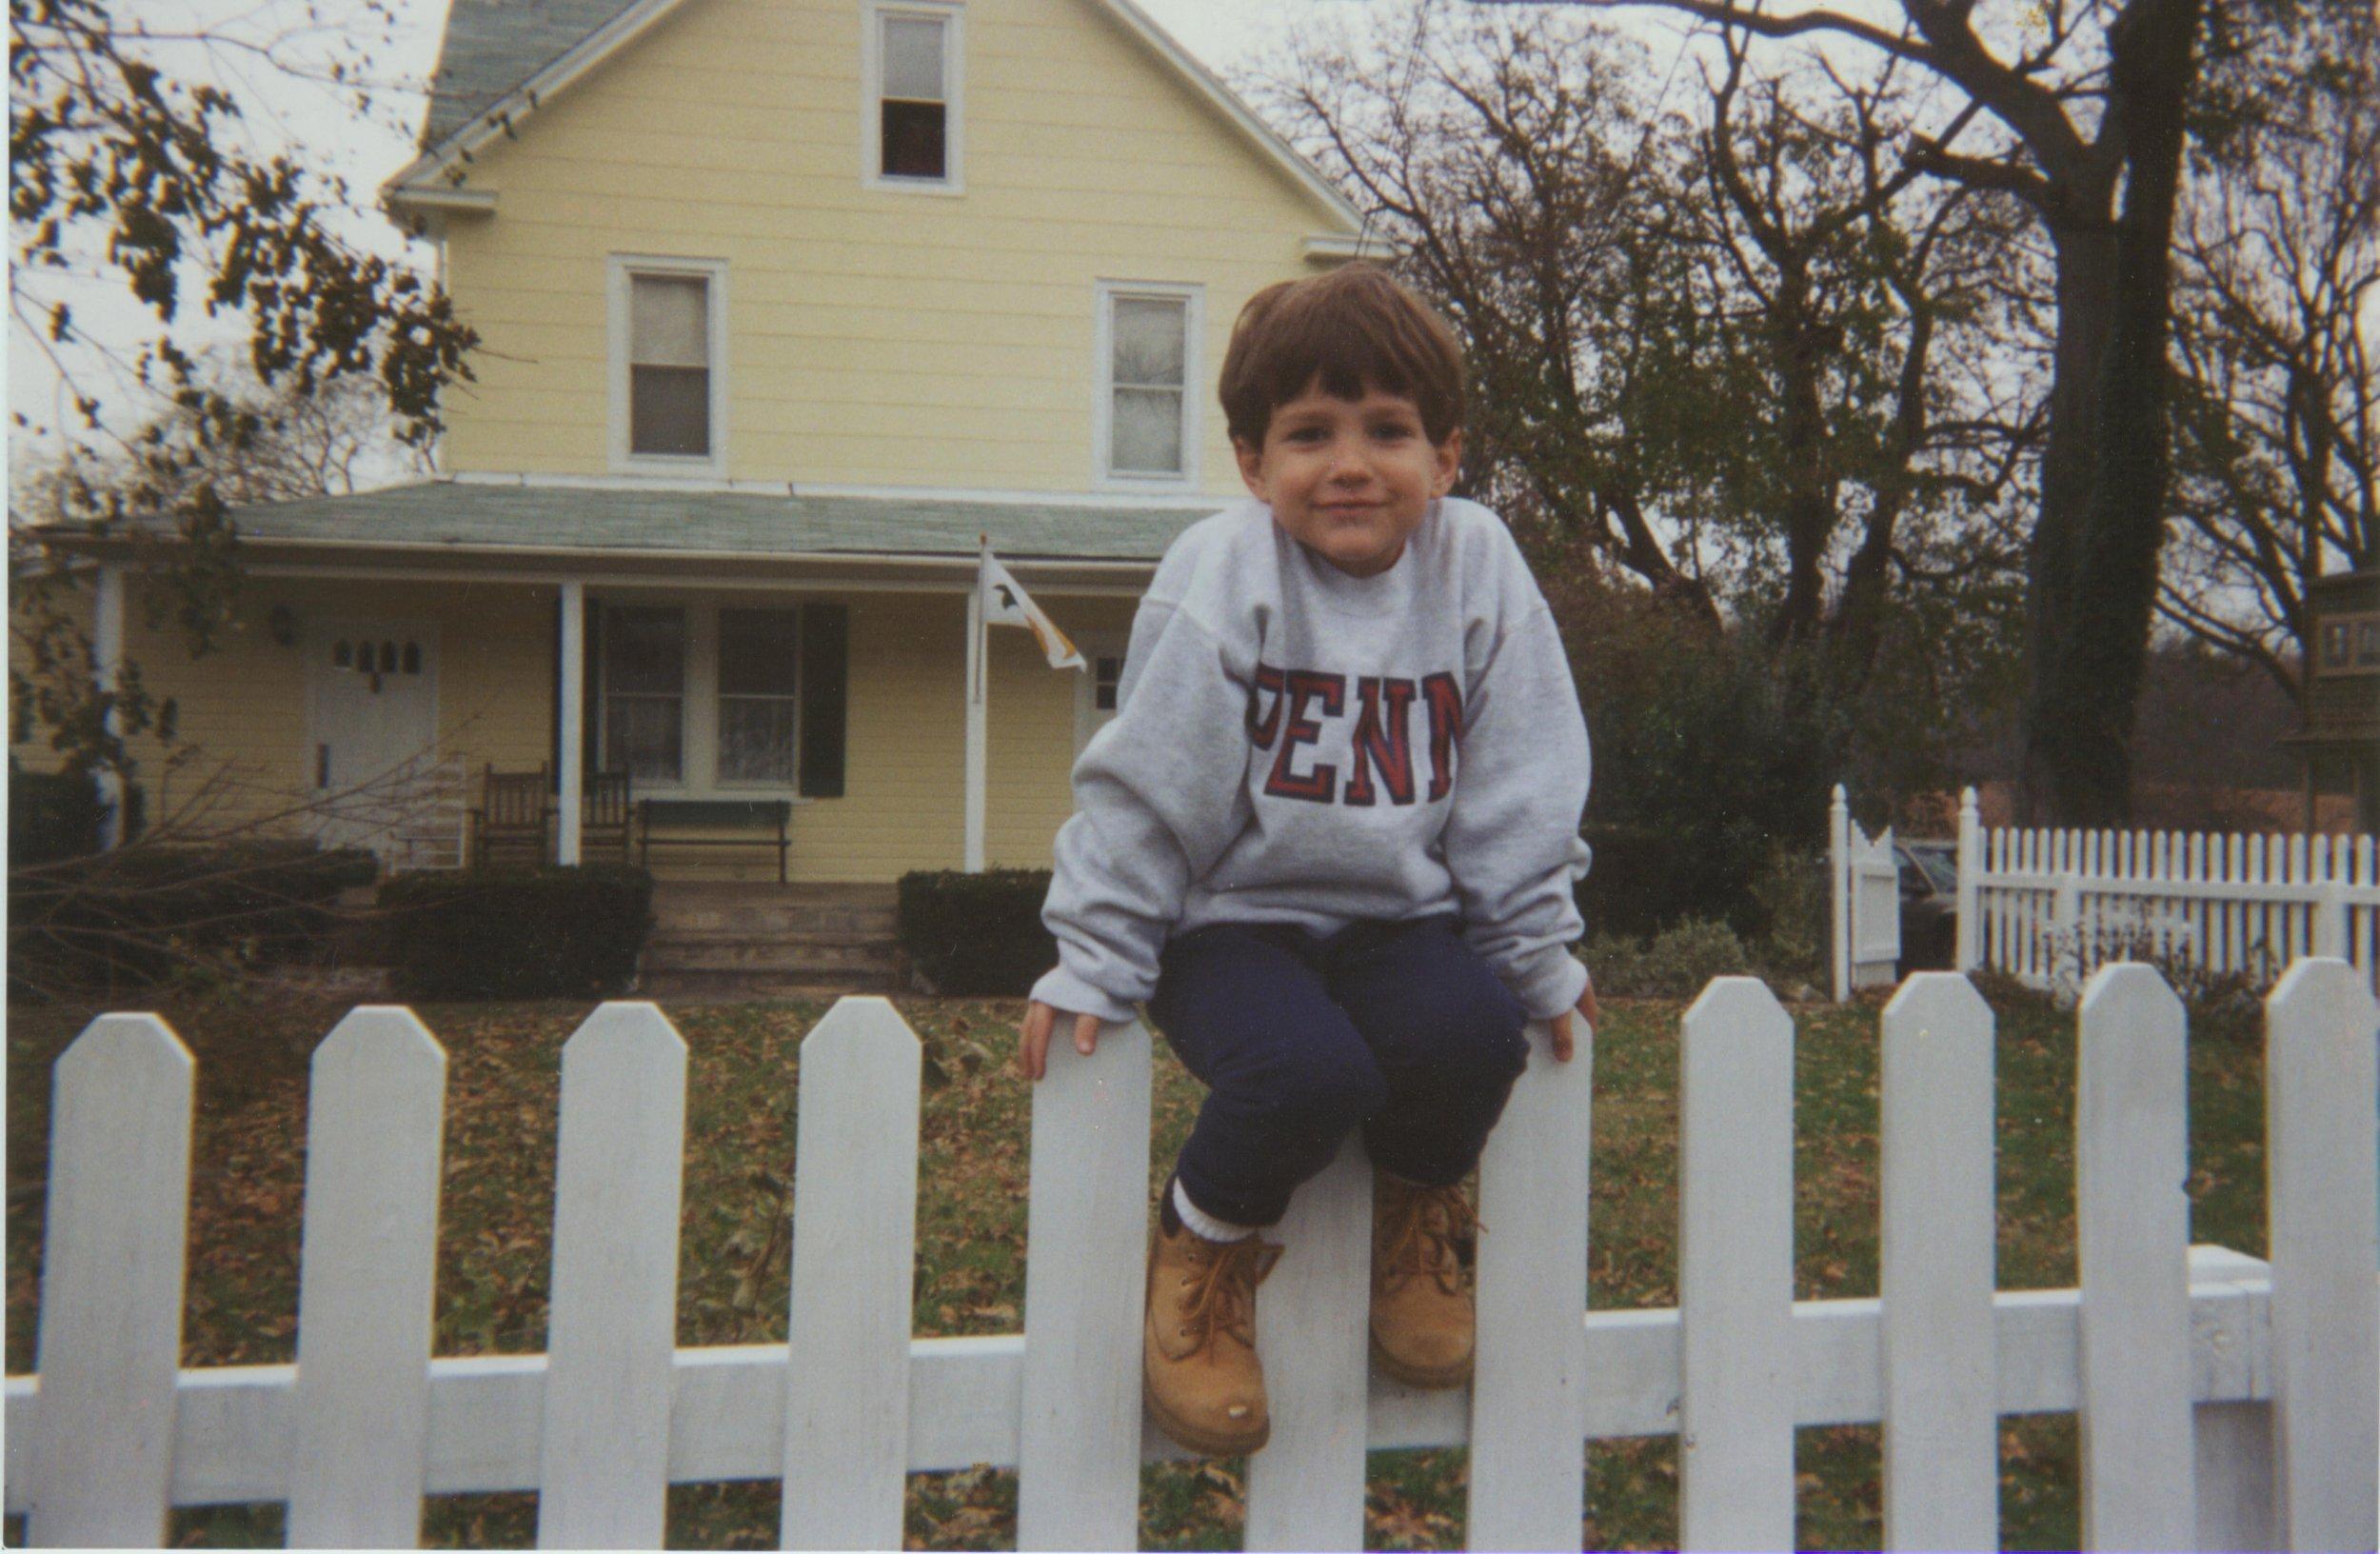 Copy of Zach on Fence 2.jpg